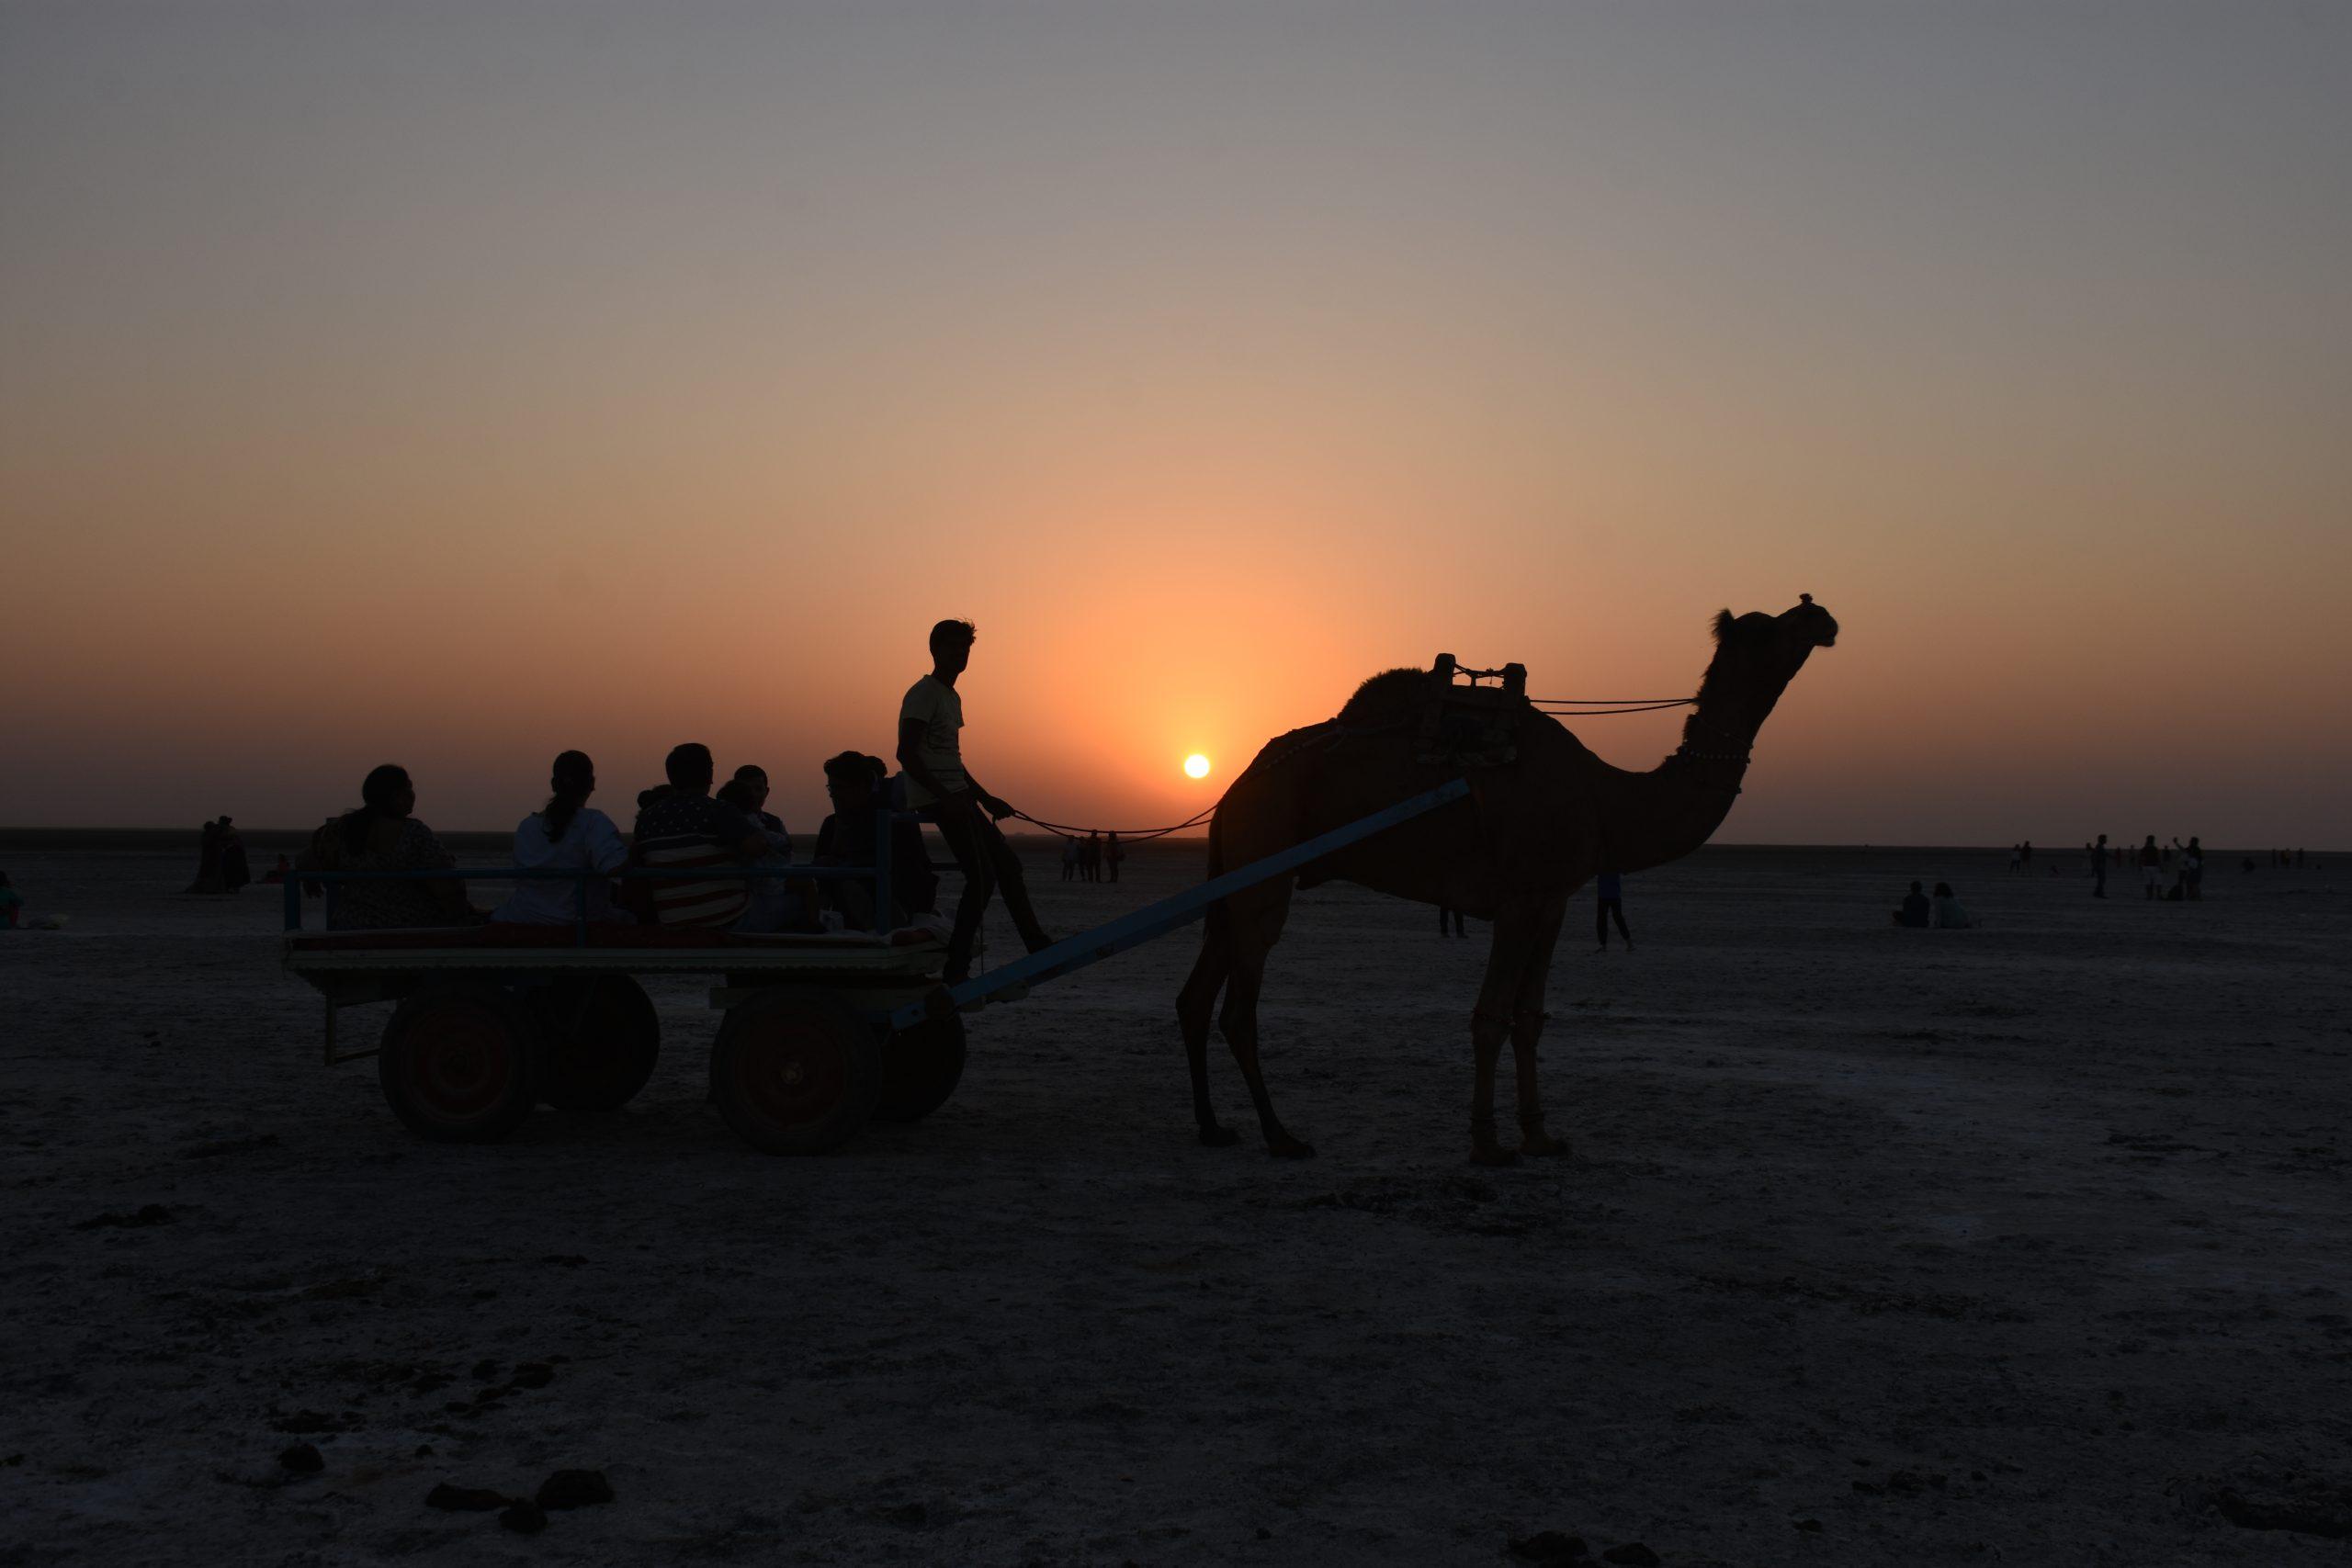 camel cart and sunset